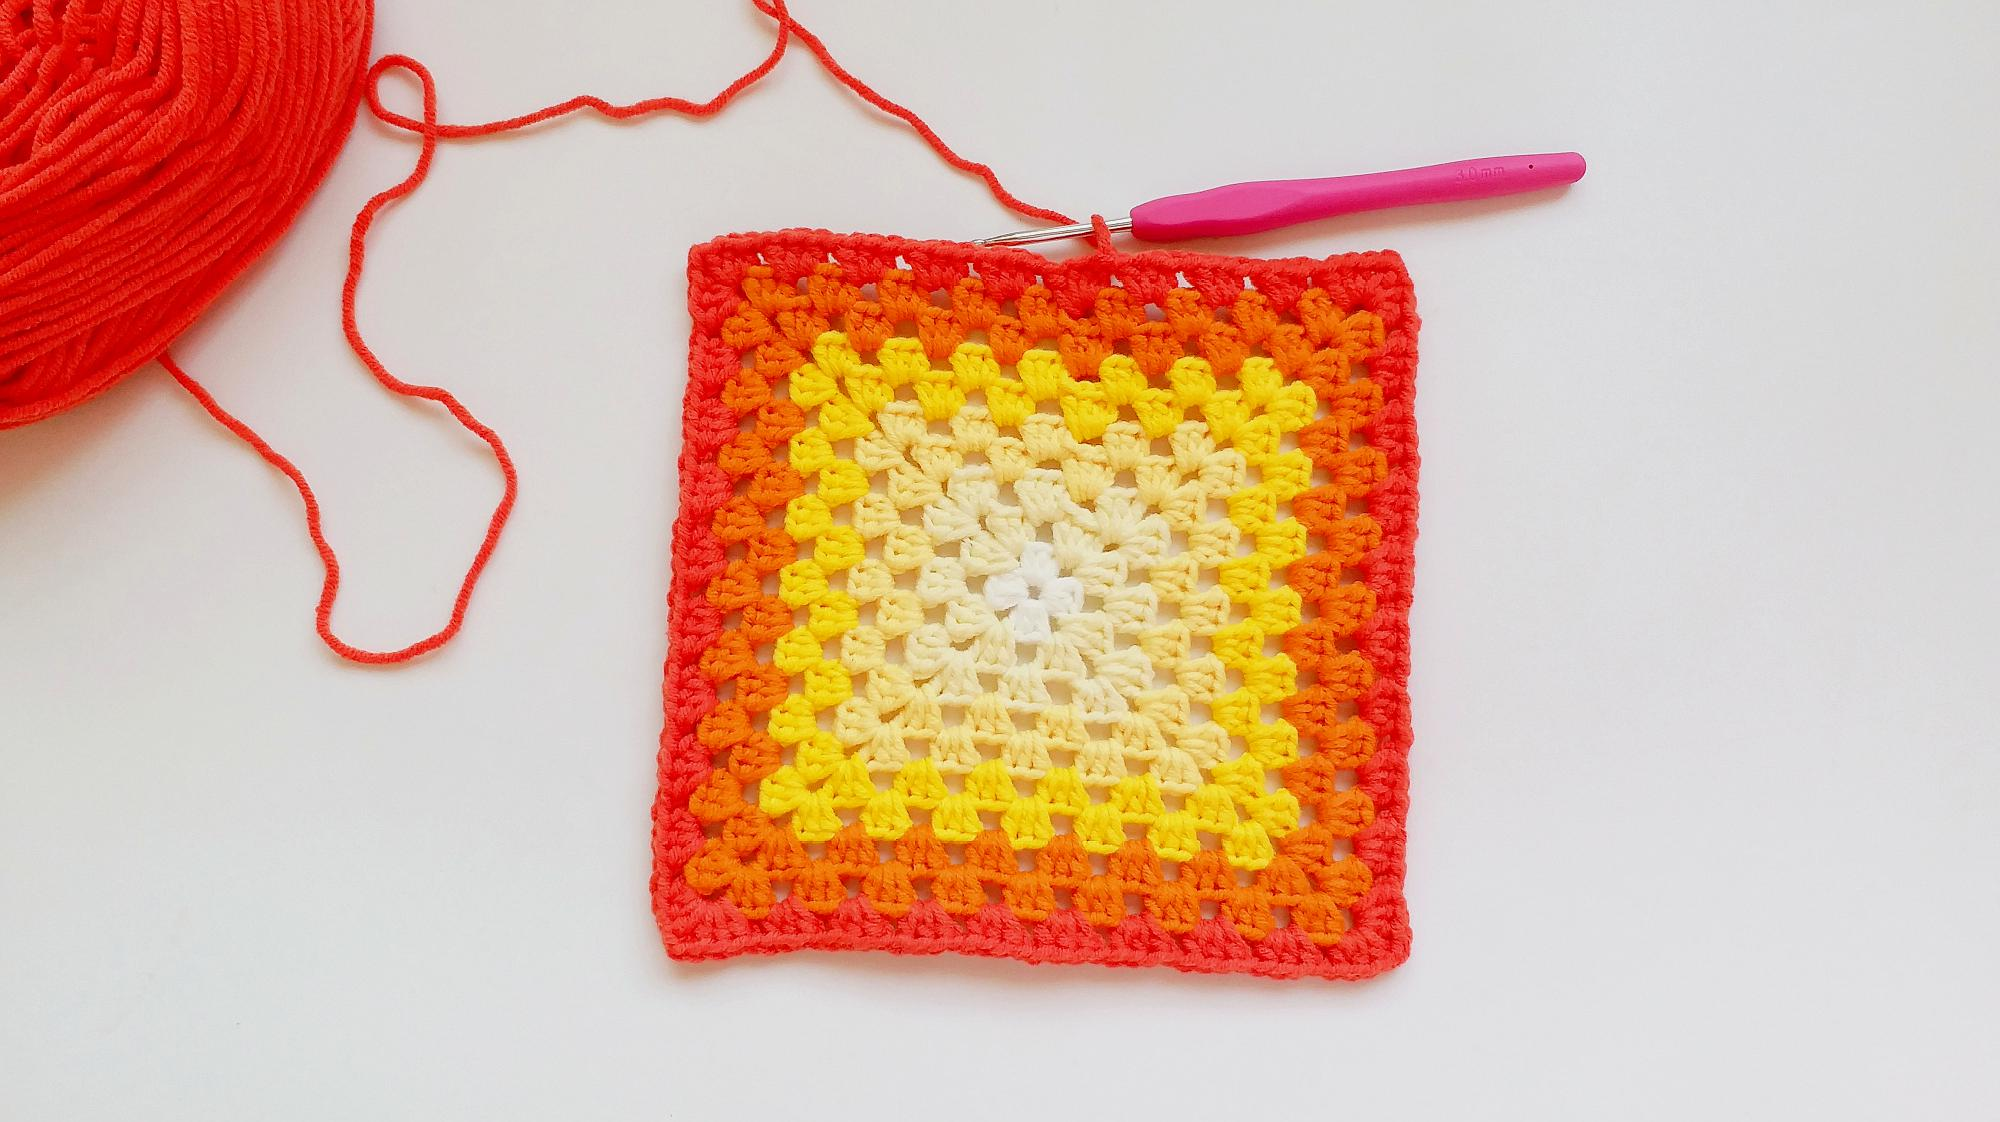 钩针编织 圈钩回字正方形花样 上手简单效果惊艳